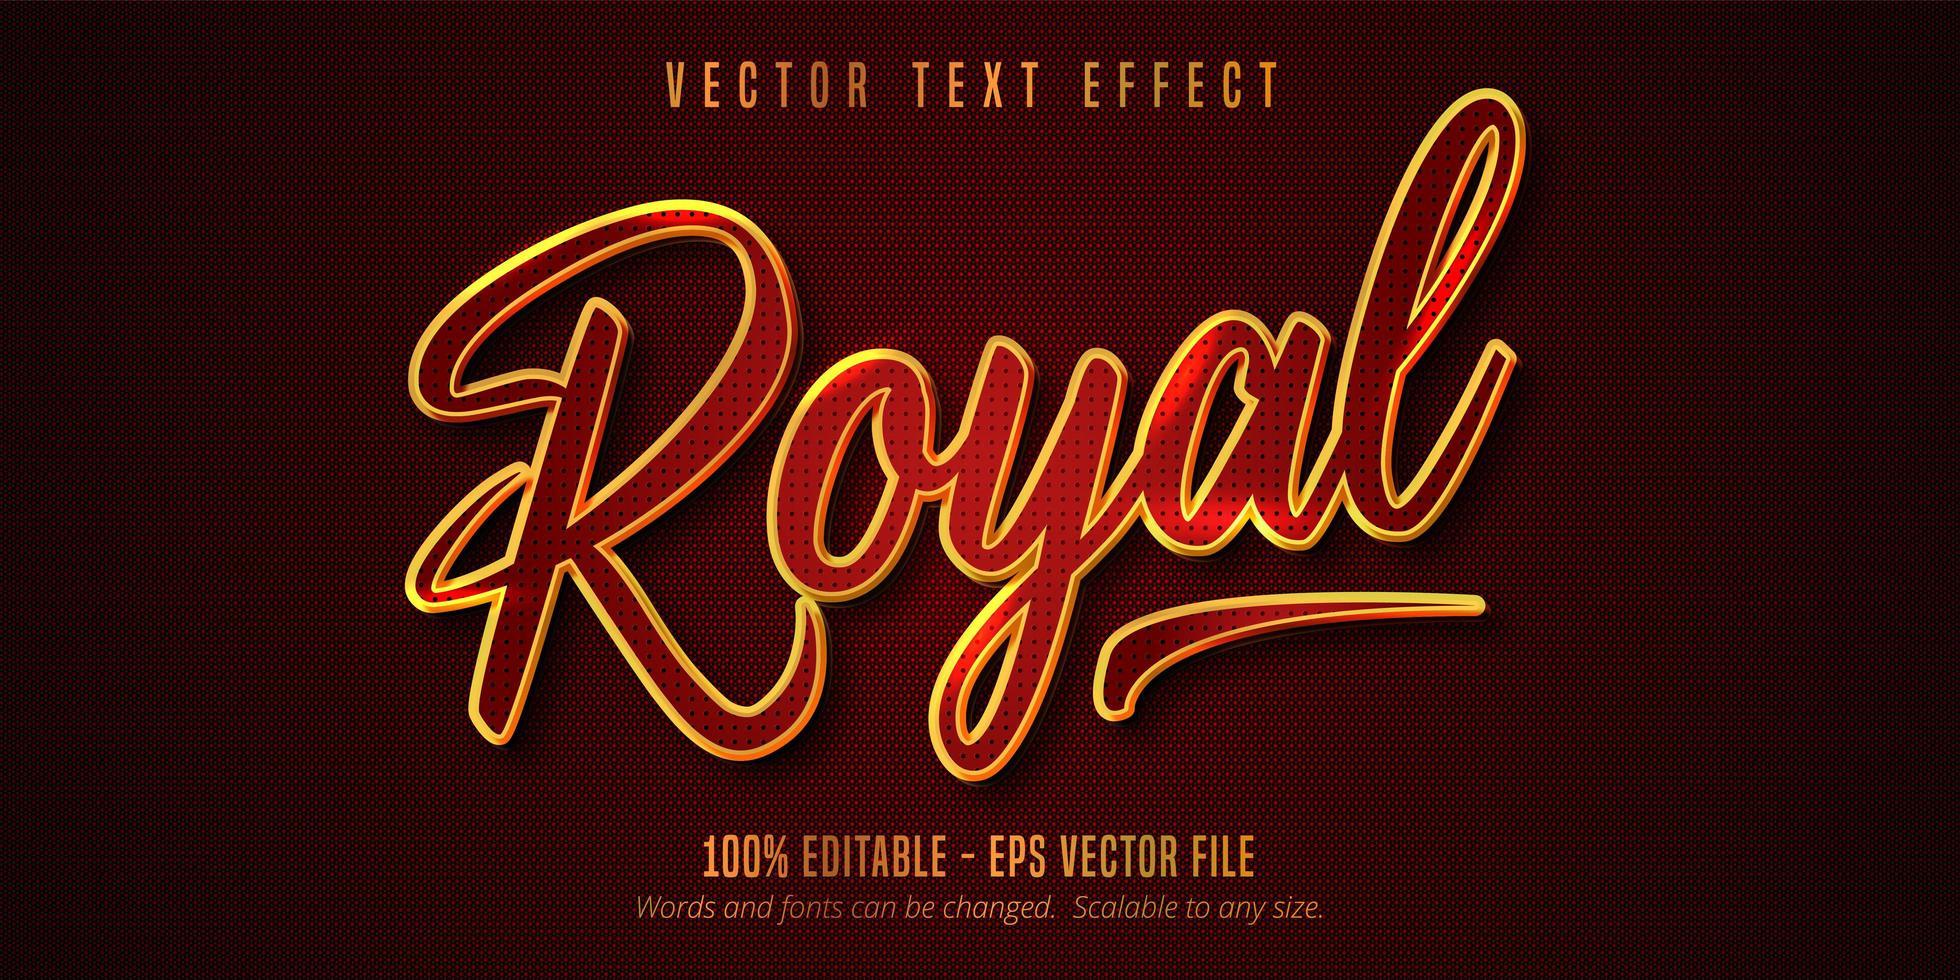 effet de texte modifiable de style royal vecteur